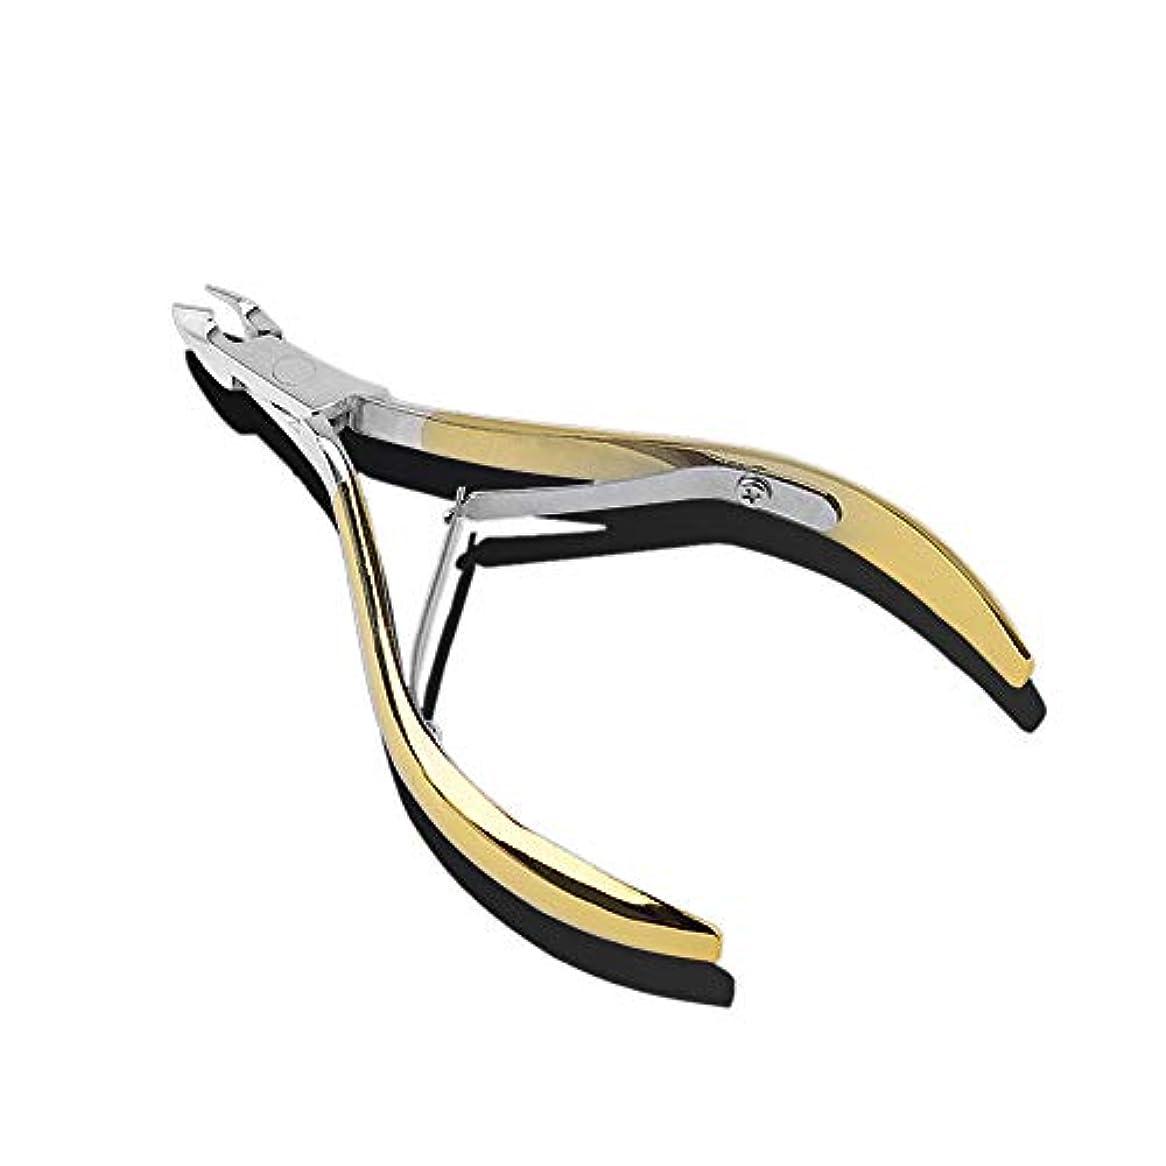 発疹条約契約ニッパー型爪切りステンレス鋼 爪切り ニッパーツメキリ最適 お年寄り 高齢者 医療 介護 あしまき、ゴールド